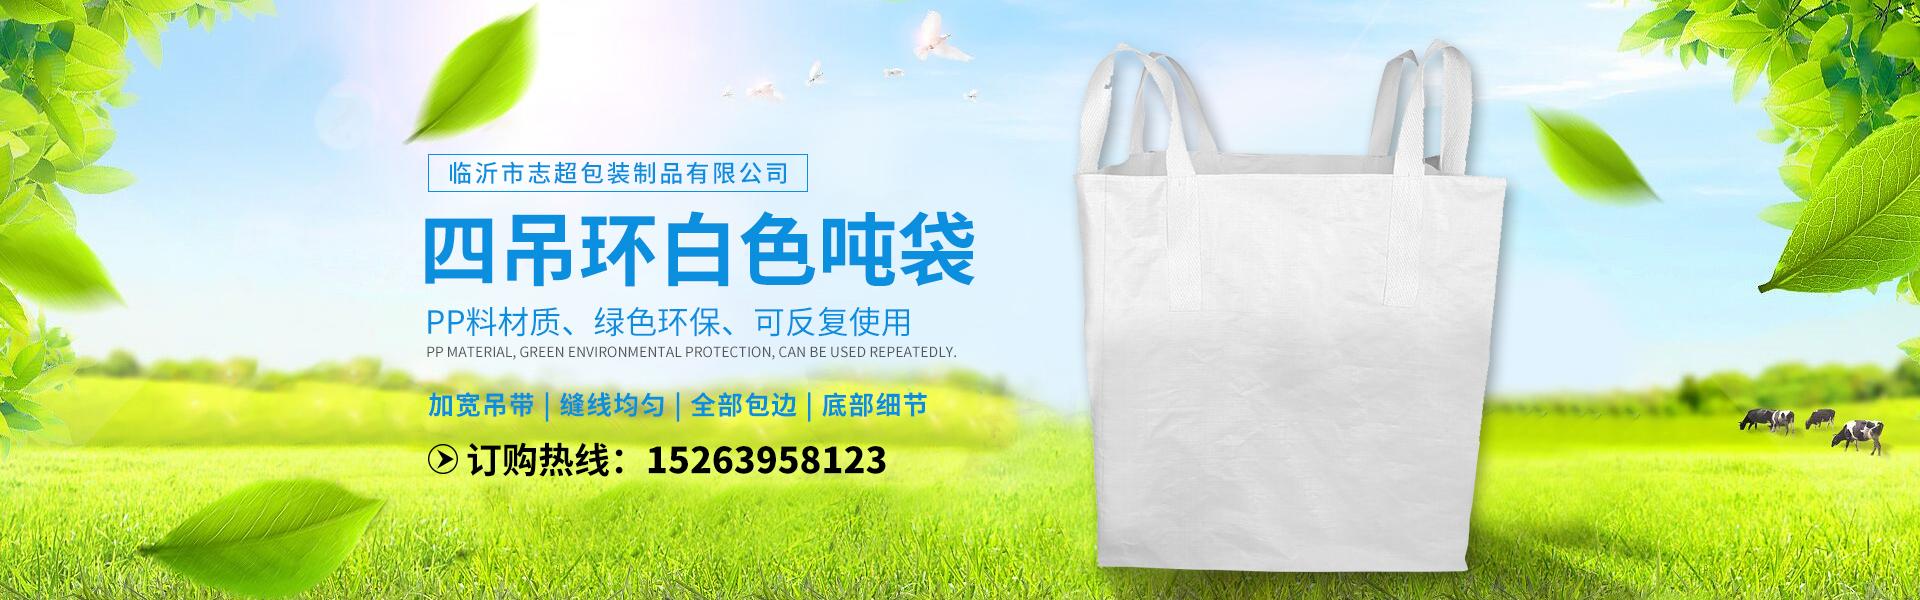 吨包袋厂家,集装袋厂家,山东编织袋,吨包袋厂家直销